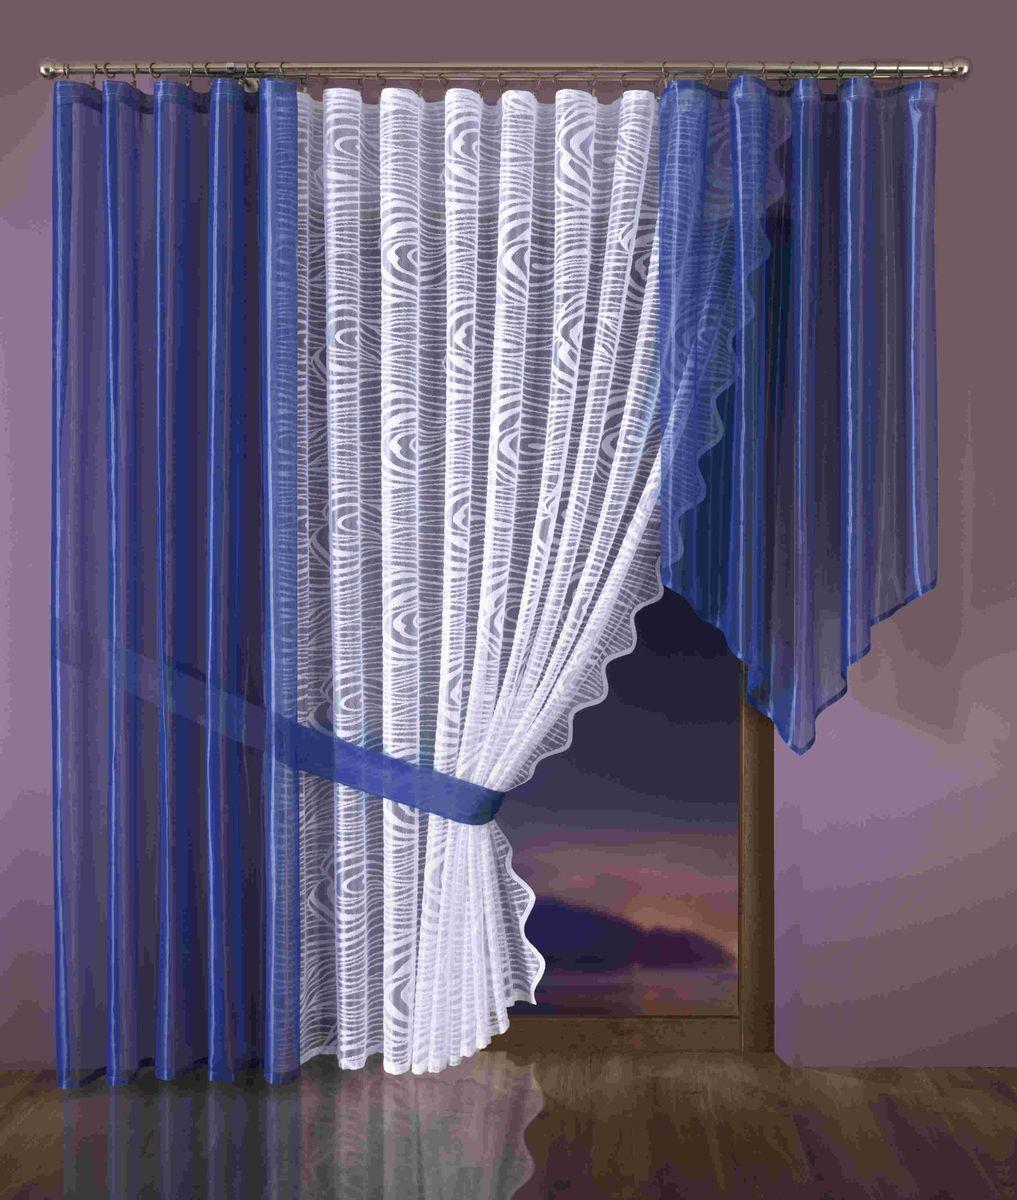 Комплект штор Wisan Klaudyna, на ленте, цвет: белый, синий, высота 250 см335WКомплект штор Wisan Klaudyna, выполненный из полиэстера, великолепно украсит любое окно. В комплект входят штора, тюль, галстук и подхват. Интересный крой придает комплекту особый стиль и шарм. Тонкое плетение, нежная цветовая гамма и роскошное исполнение - все это делает шторы Wisan Klaudyna замечательным дополнением интерьера помещения.Комплект оснащен шторной лентой для красивой сборки. В комплект входит: Штора - 1 шт. Размер (ШхВ): 150 см х 250 см. Тюль - 1 шт. Размер (ШхВ): 290 см х 250 см. Галстук - 1 шт. Размер (ШхВ): 150 см х 170 см. Подхват - 1 шт.Фирма Wisan на польском рынке существует уже более пятидесяти лет и является одной из лучших польских фабрик по производству штор и тканей. Ассортимент фирмы представлен готовыми комплектами штор для гостиной, детской, кухни, а также текстилем для кухни (скатерти, салфетки, дорожки, кухонные занавески). Модельный ряд отличает оригинальный дизайн, высокое качество. Ассортимент продукции постоянно пополняется.